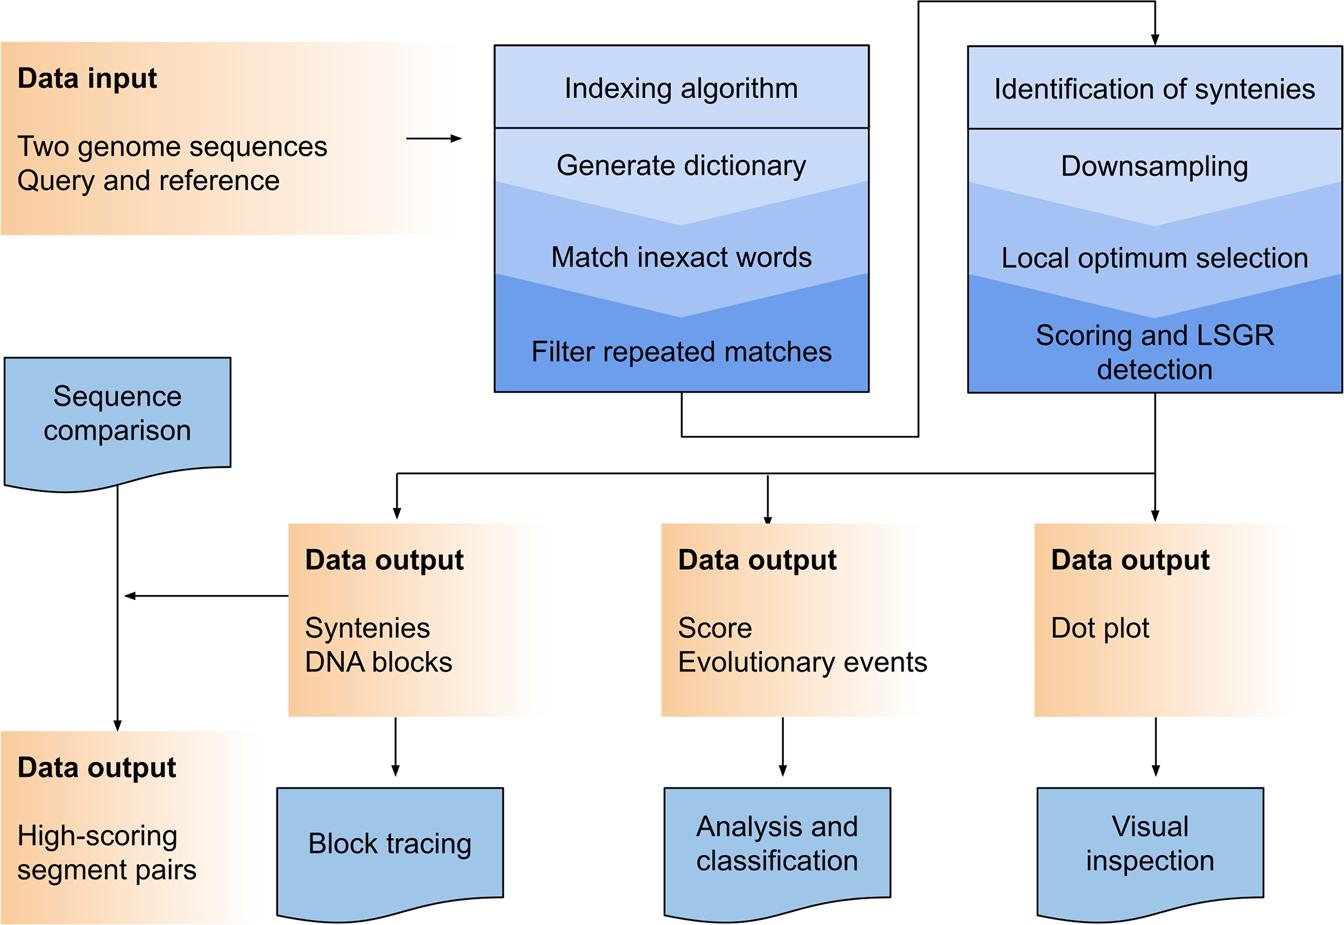 Ultra-fast genome comparison for large-scale genomic